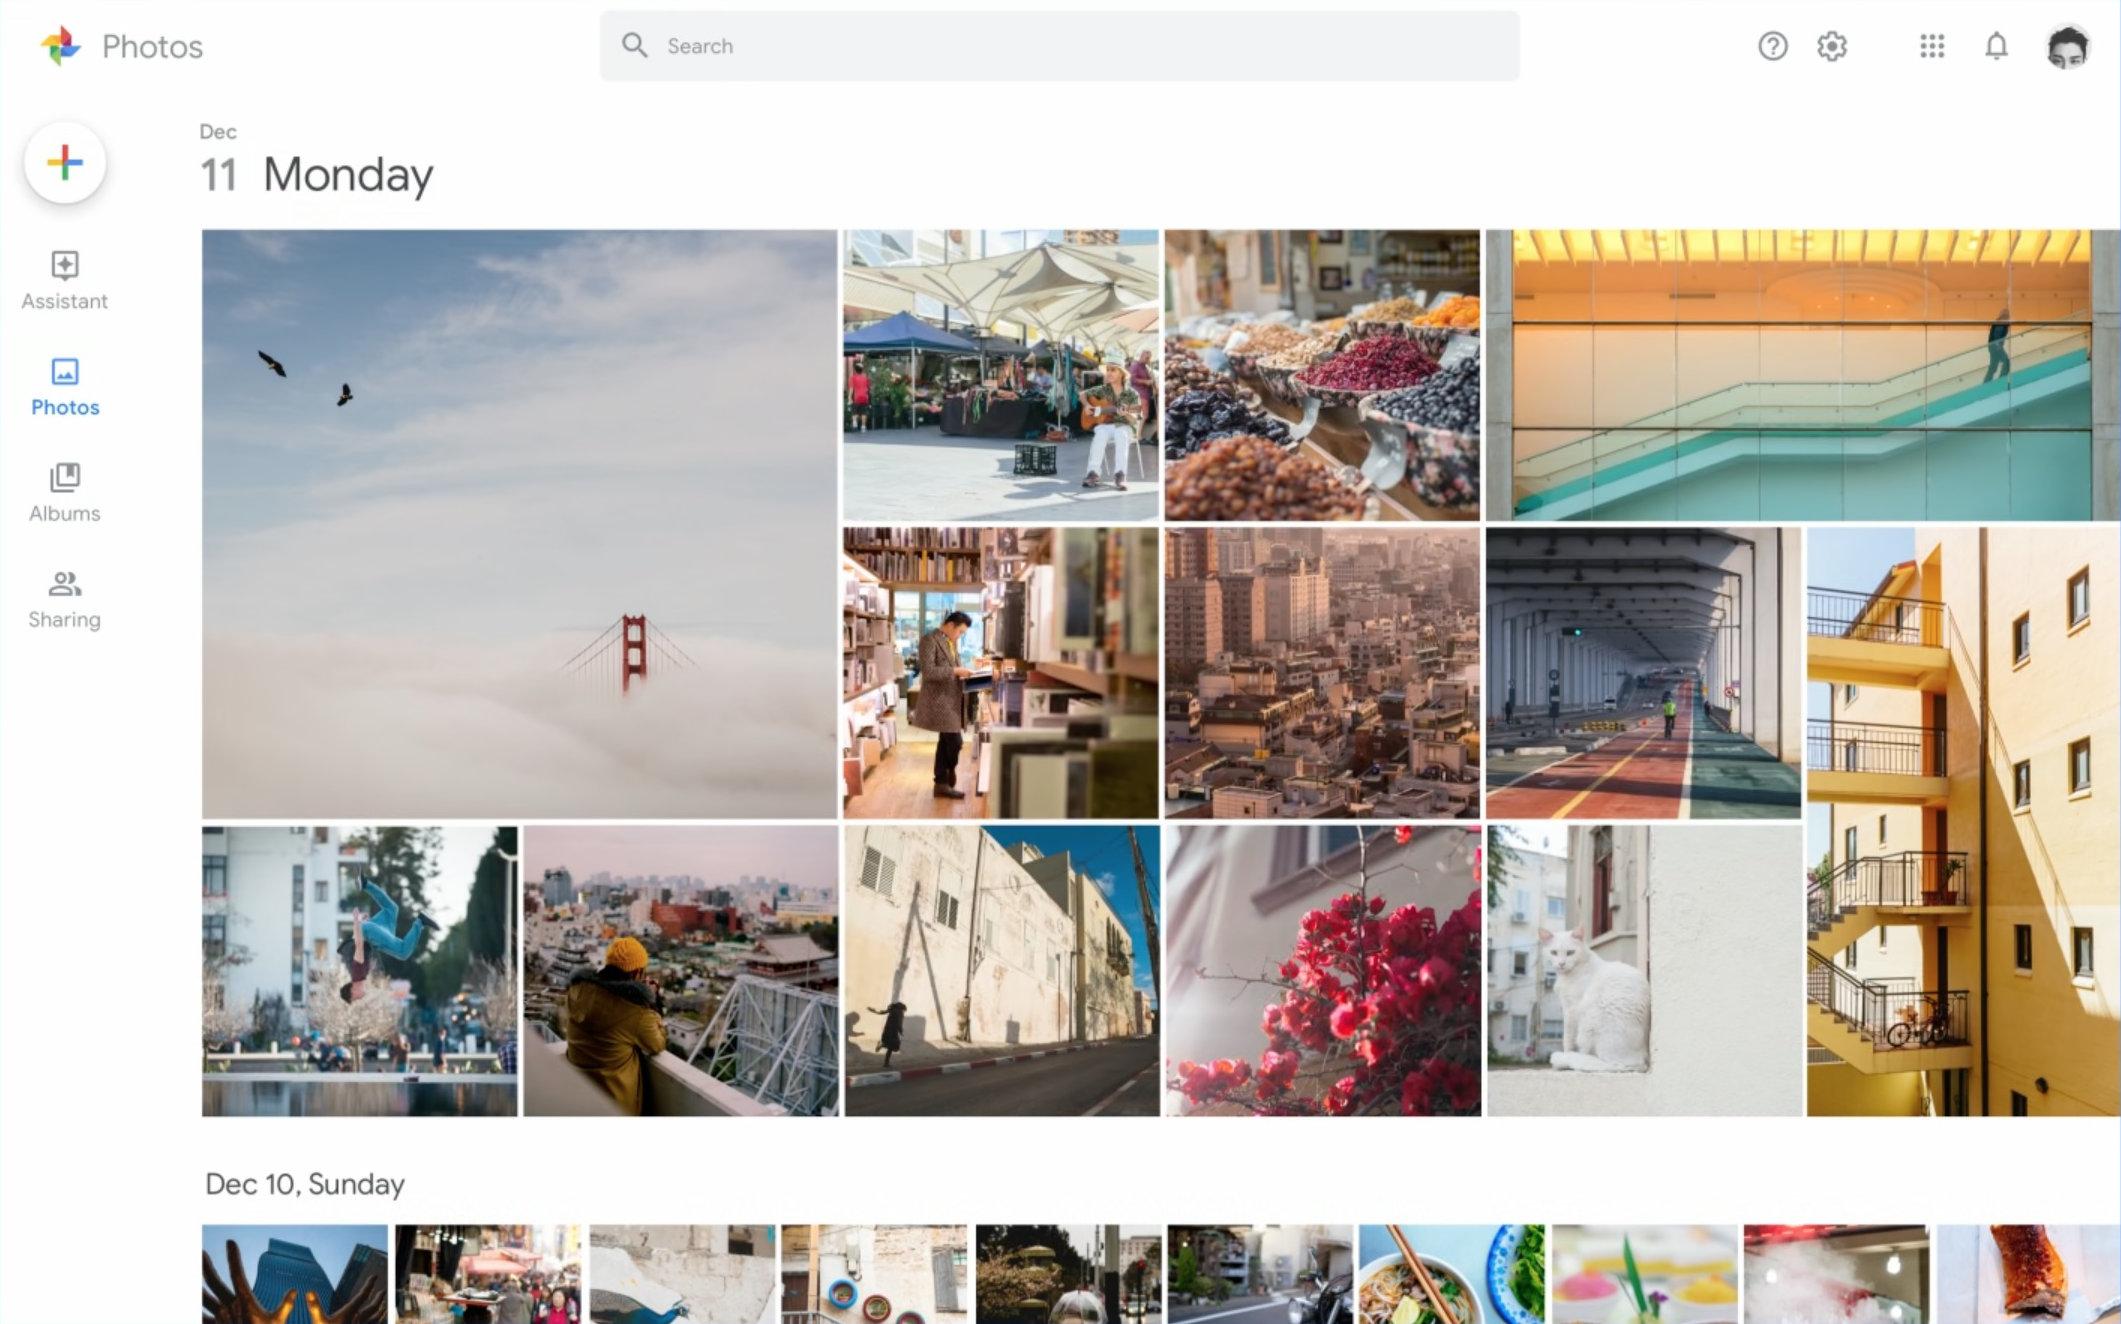 Arcane Photos hodei berria da, Google Photos-en baldintzak onartzen ez dituzten pertsonentzako